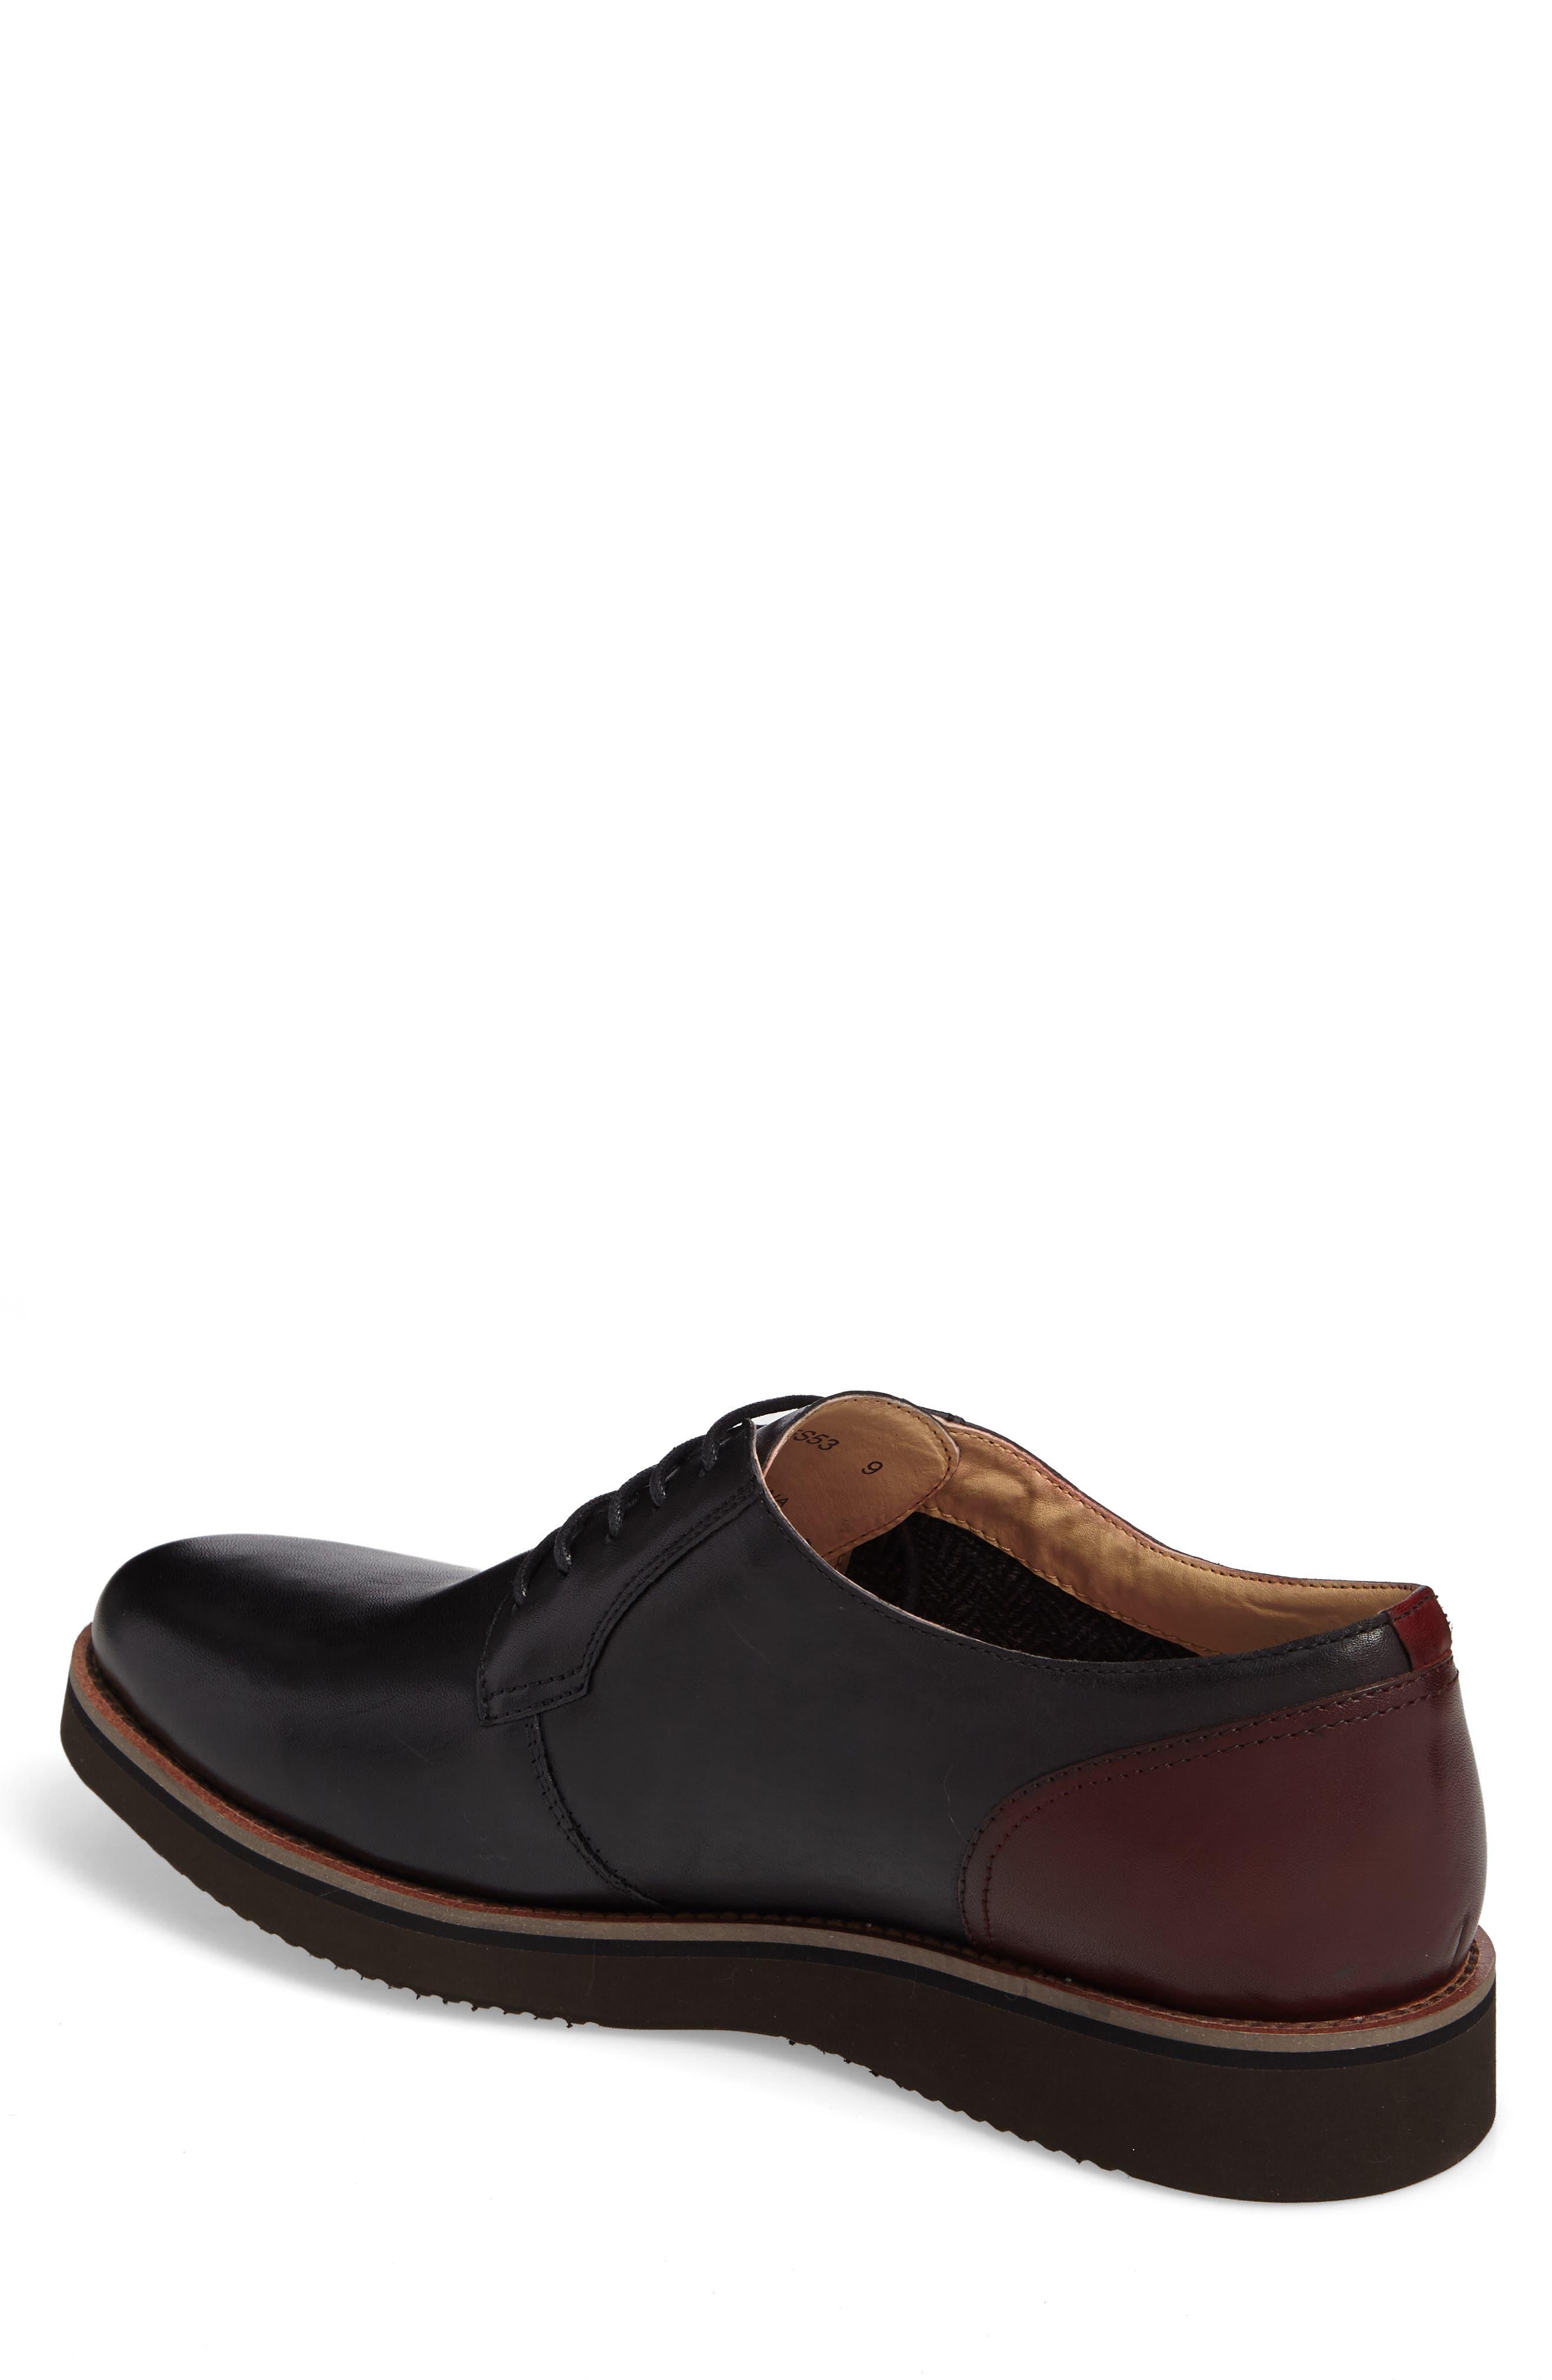 Saxon Plain Toe Derby,                             Alternate thumbnail 2, color,                             001